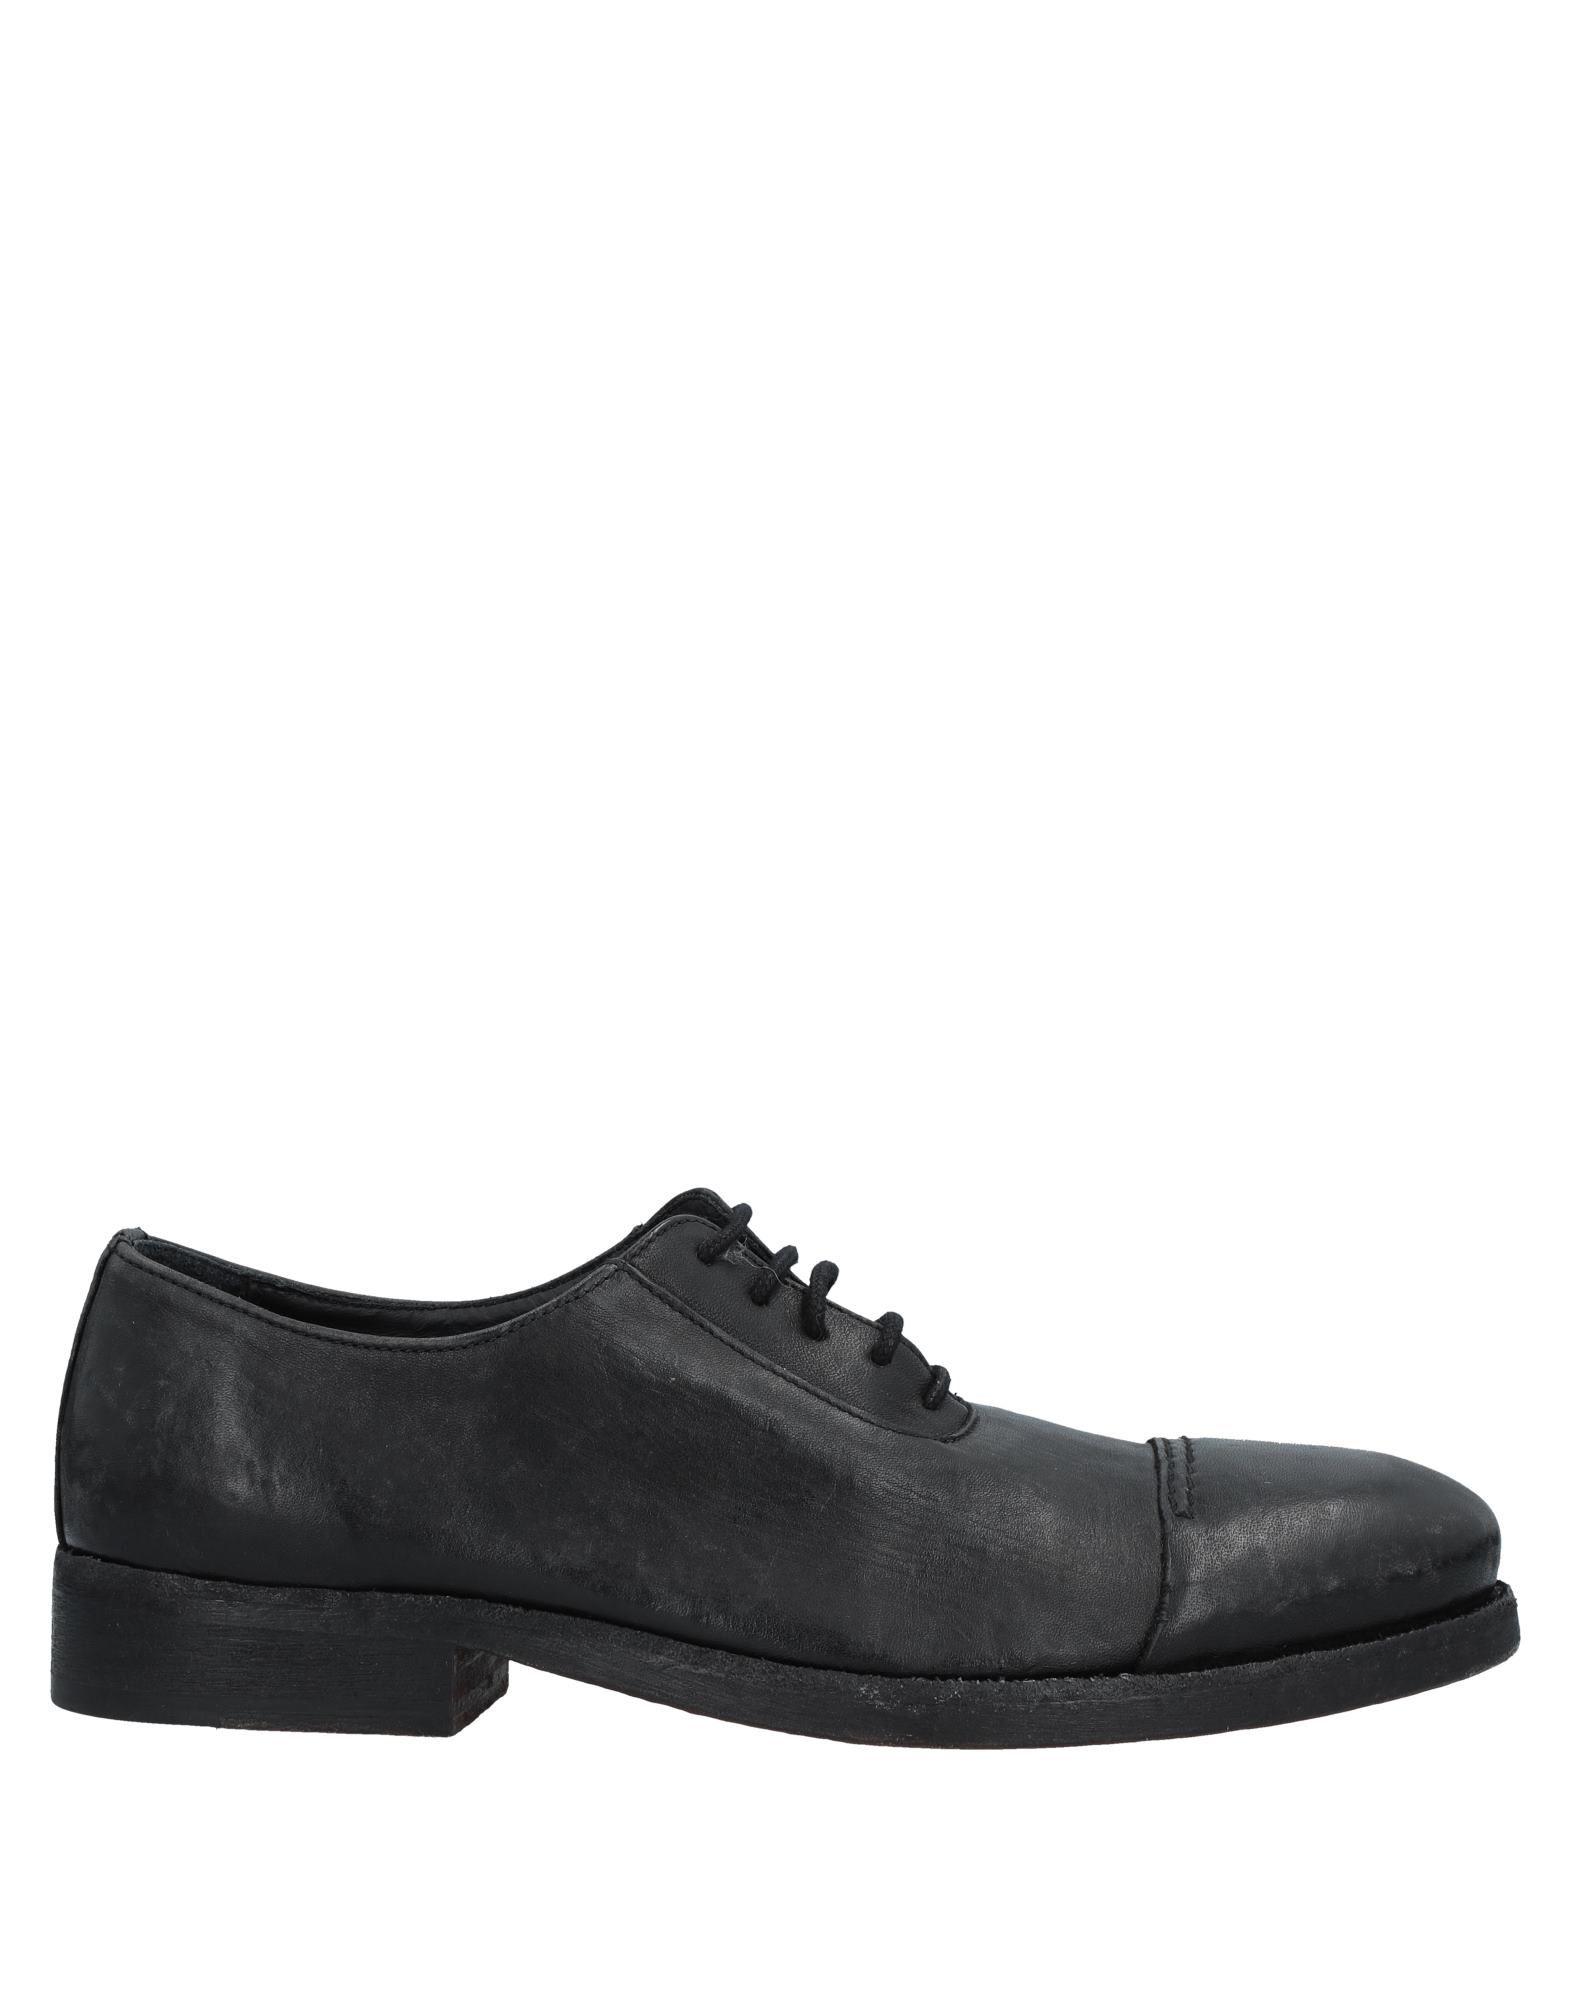 SELECTED HOMME Обувь на шнурках dior homme обувь на шнурках